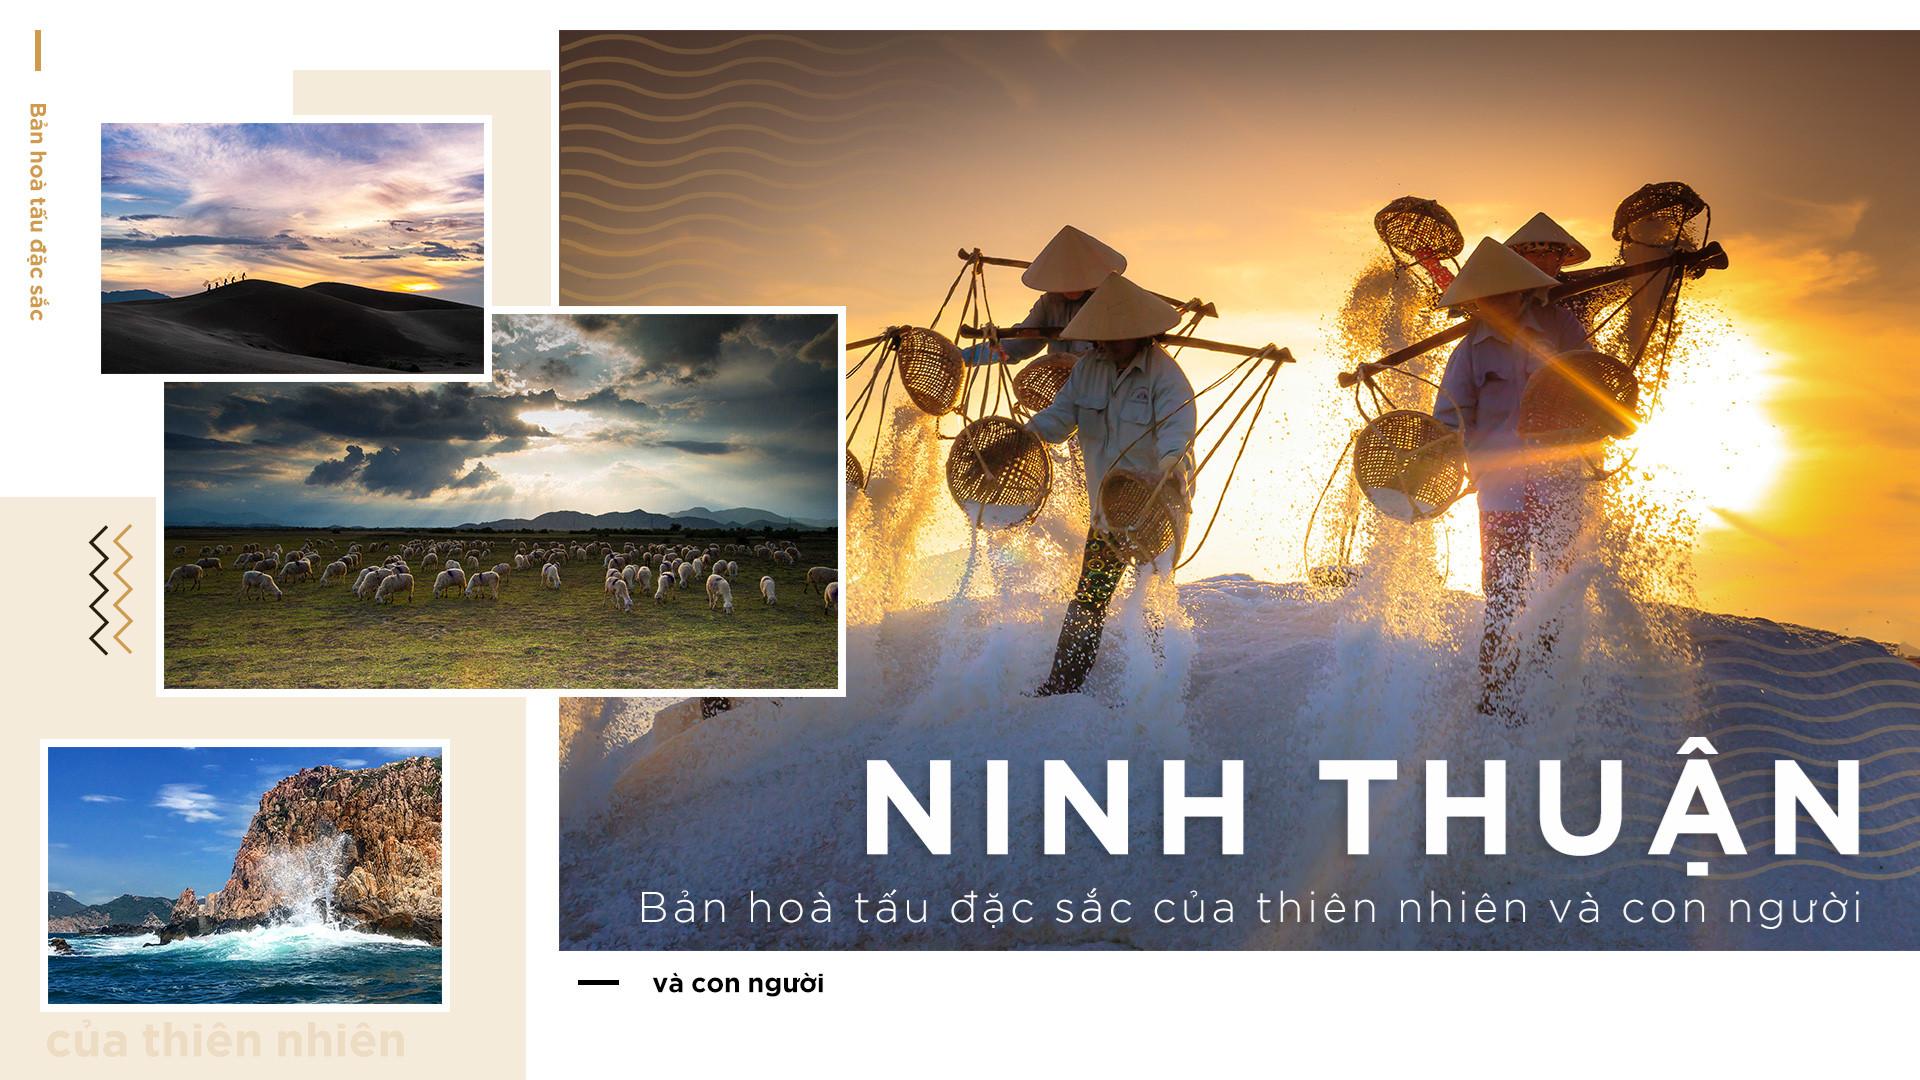 Ninh Thuan - une symphonie spéciale entre nature et hommes